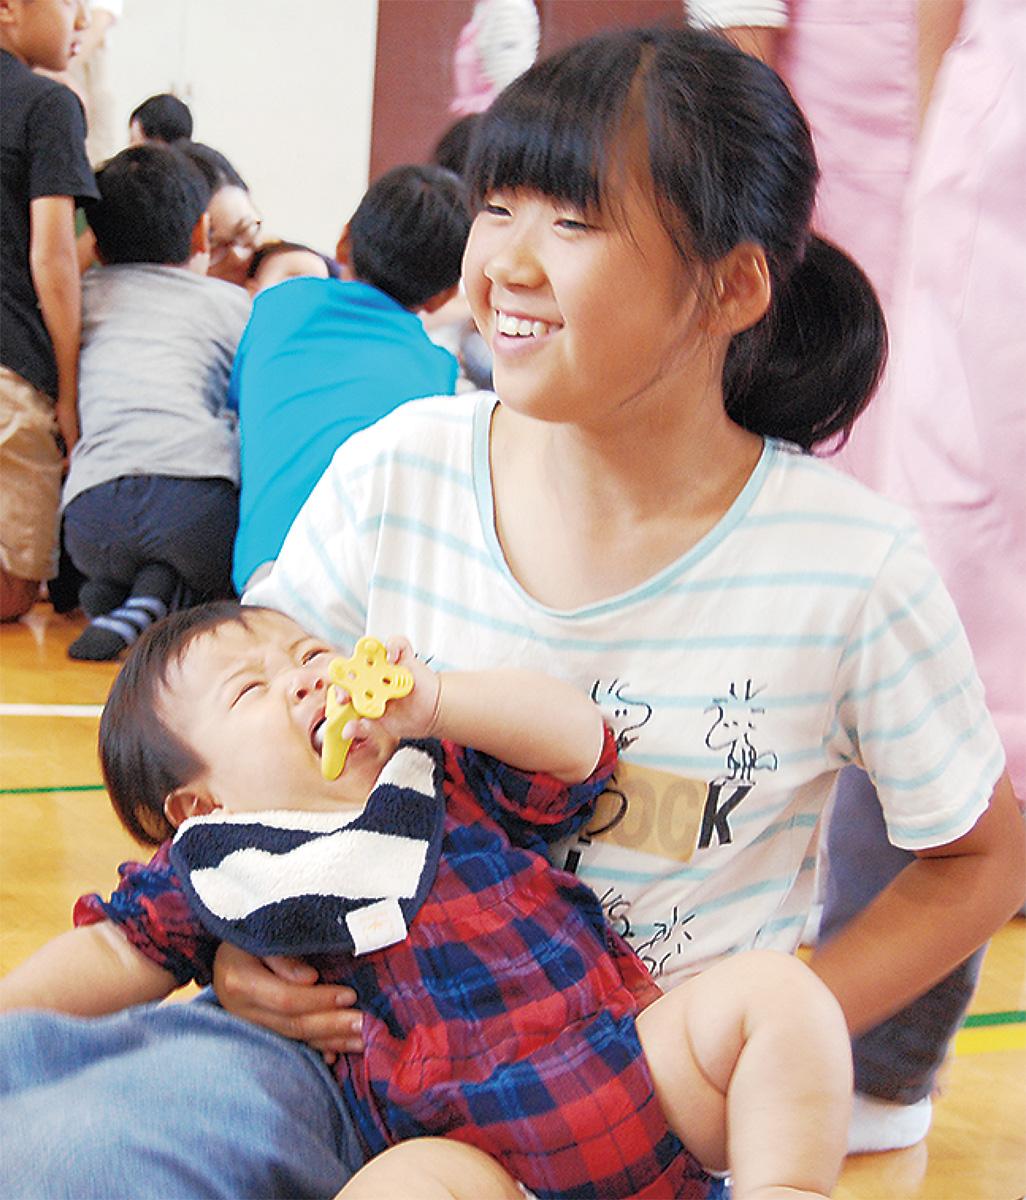 乳児と触れ合い笑顔